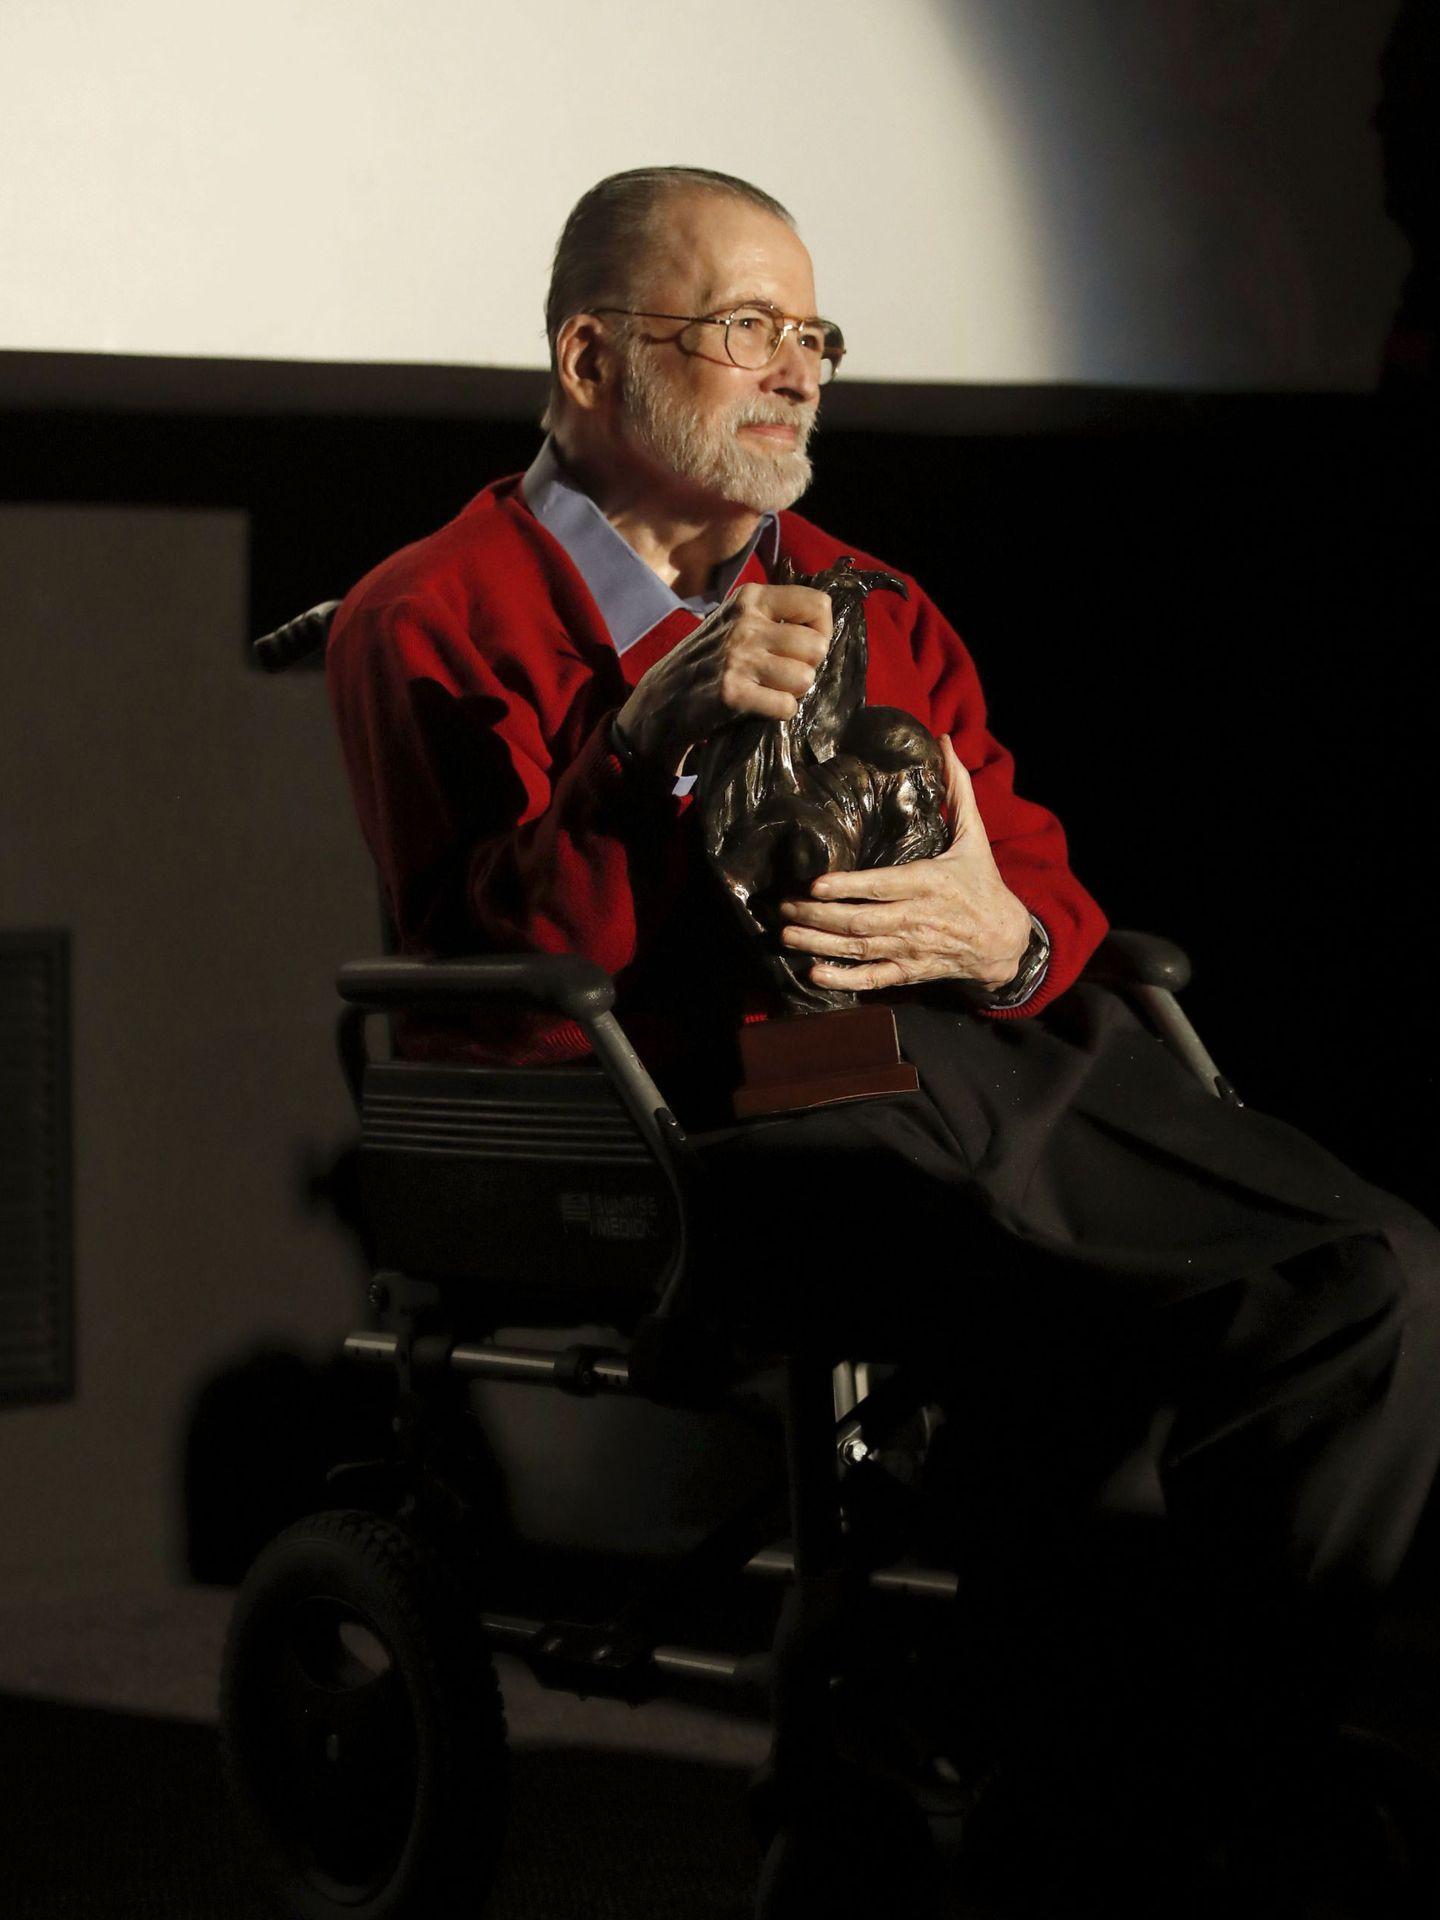 Narciso Ibáñez Serrador durante un homenaje recibido en la gala de inauguración del la V edición de Nocturna Madrid, festival de cine fantástico. (EFE)